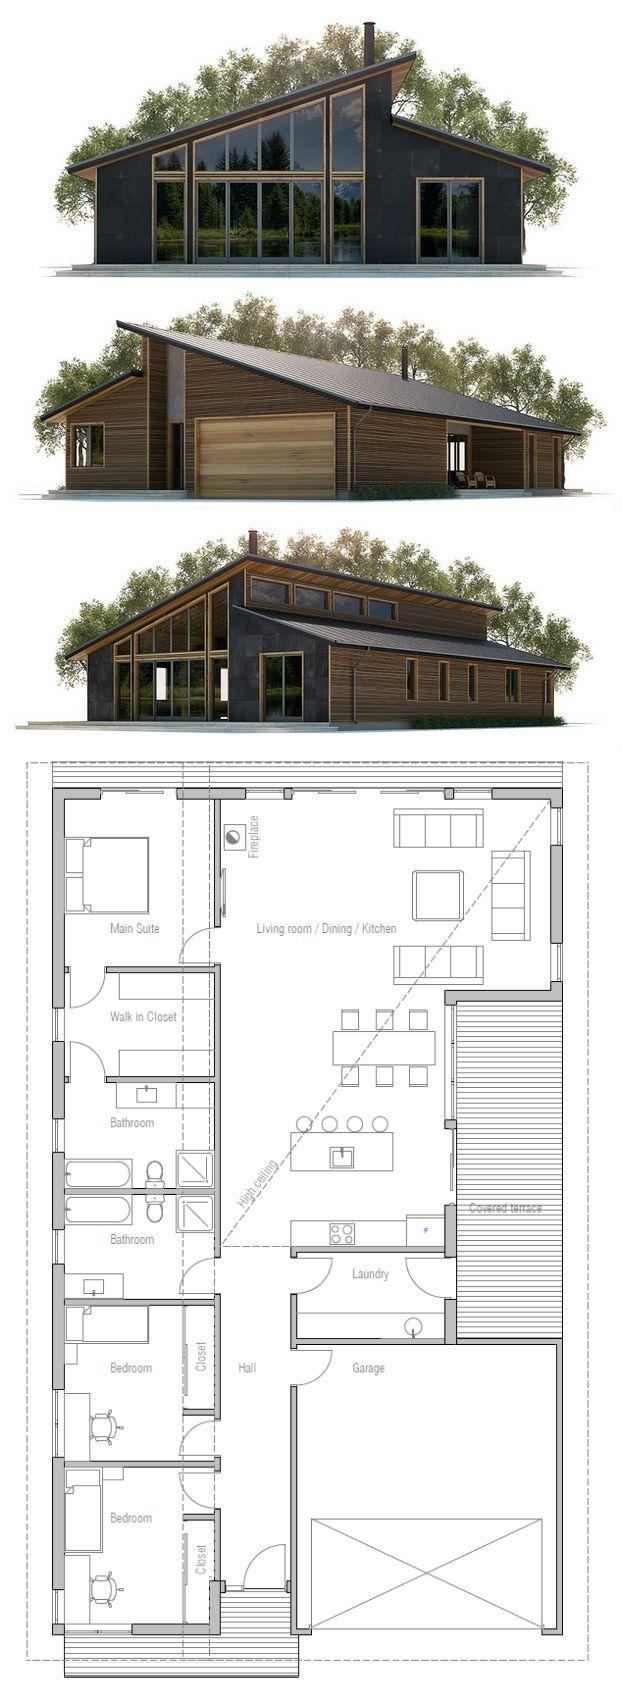 1000 idées sur le thème Logiciel Plan Maison sur Pinterest ...